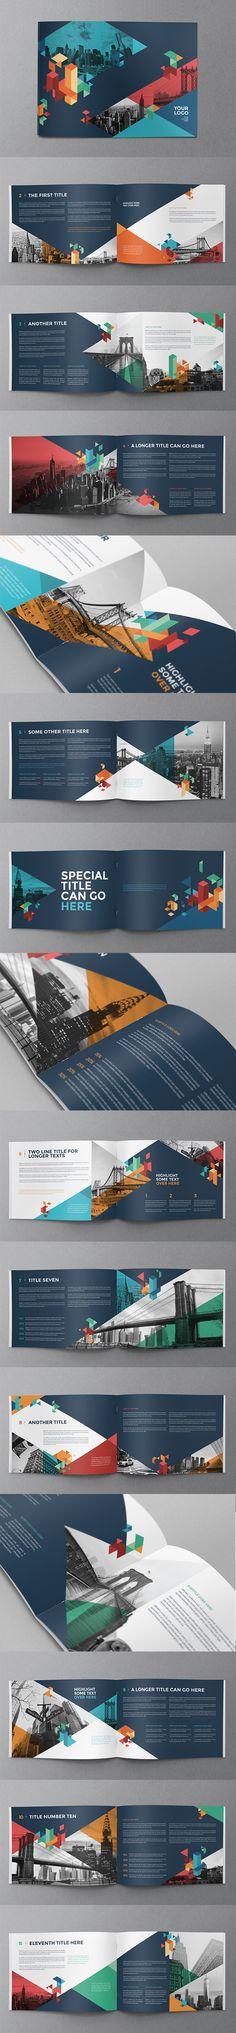 https://www.behance.net/gallery/24746021/Colorful-Blue-Brochure